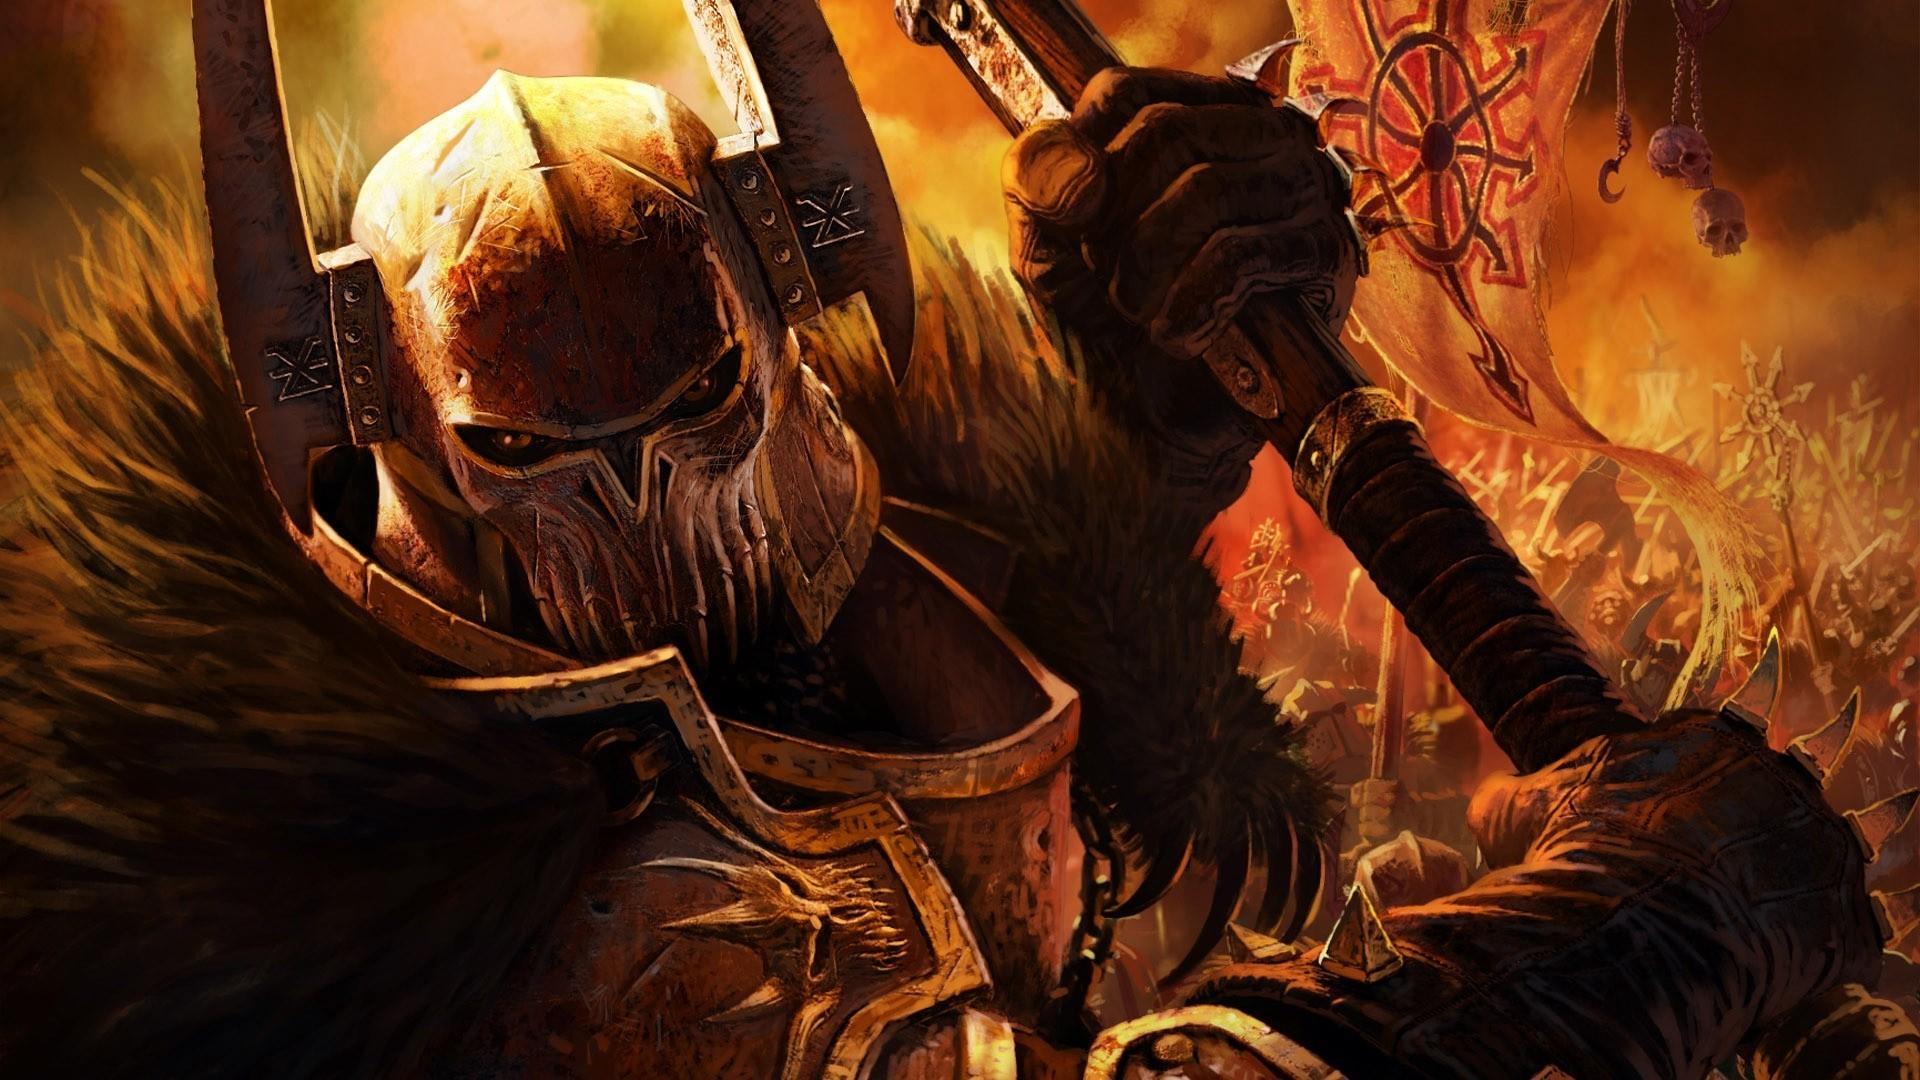 Dawn Of War 1920x1080: Warhammer 40K Chaos Wallpaper (75+ Images